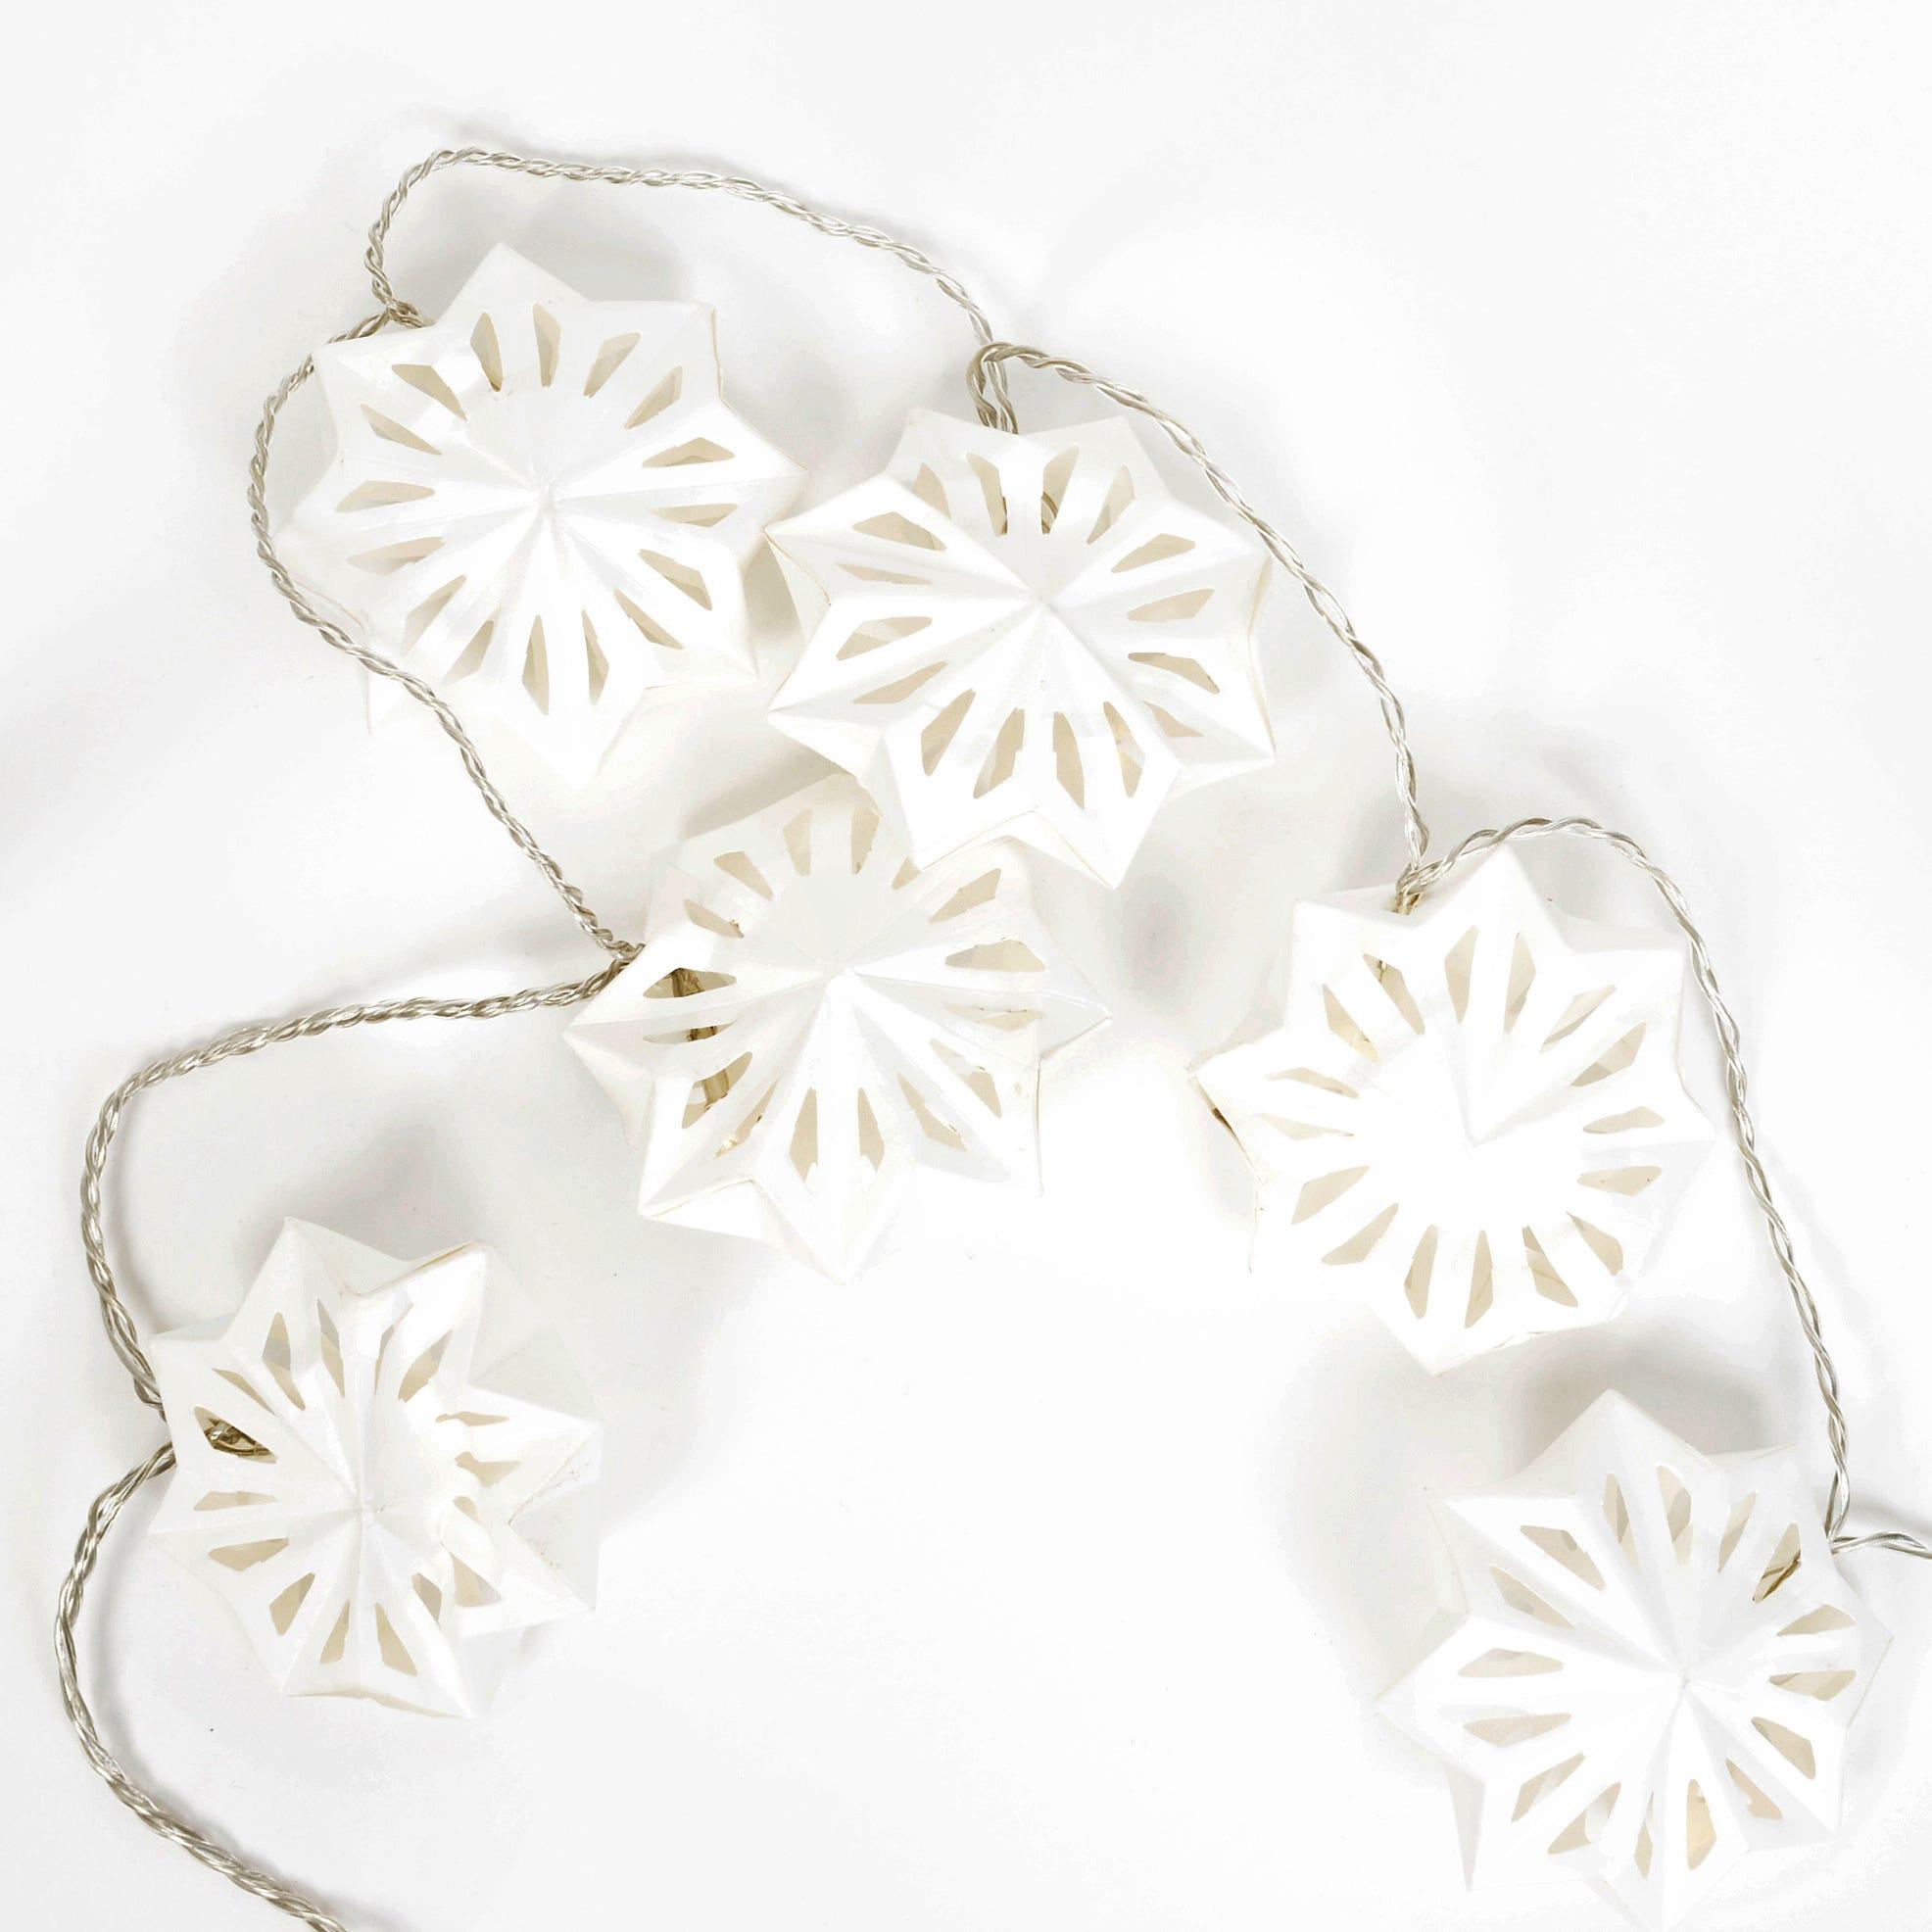 String Of Paper Snowflake Lanterns